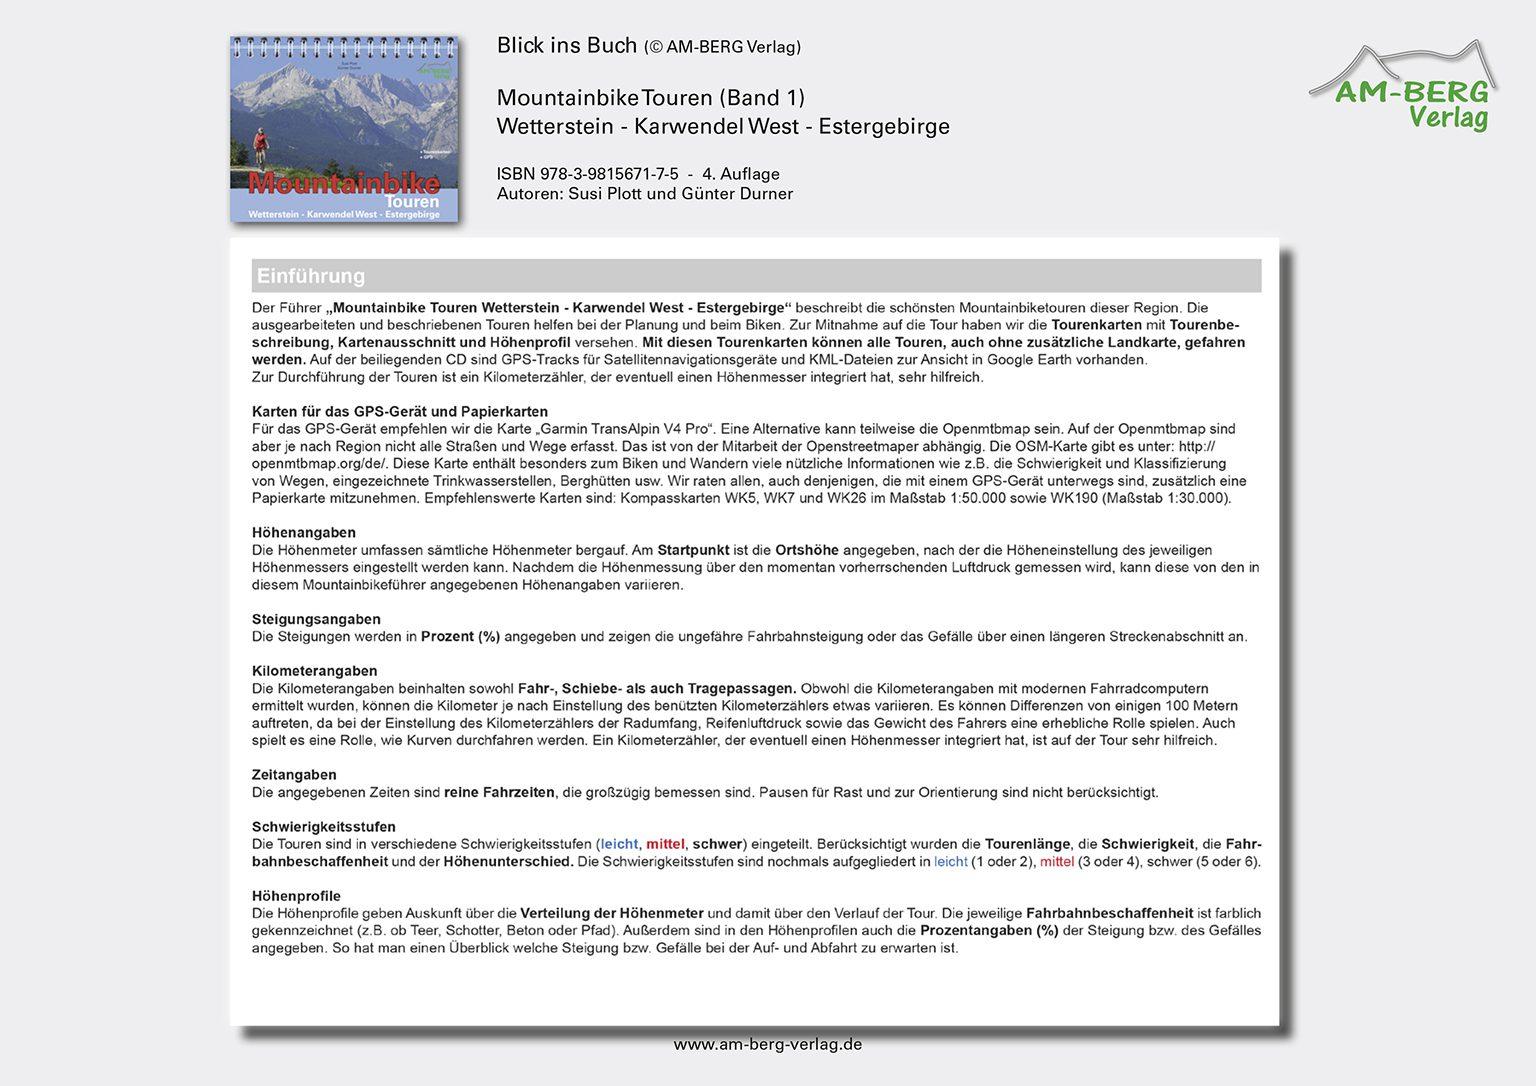 Mountainbike Touren Wetterstein-Karwendel-West-Estergebirge_band1_BlickinsBuch06